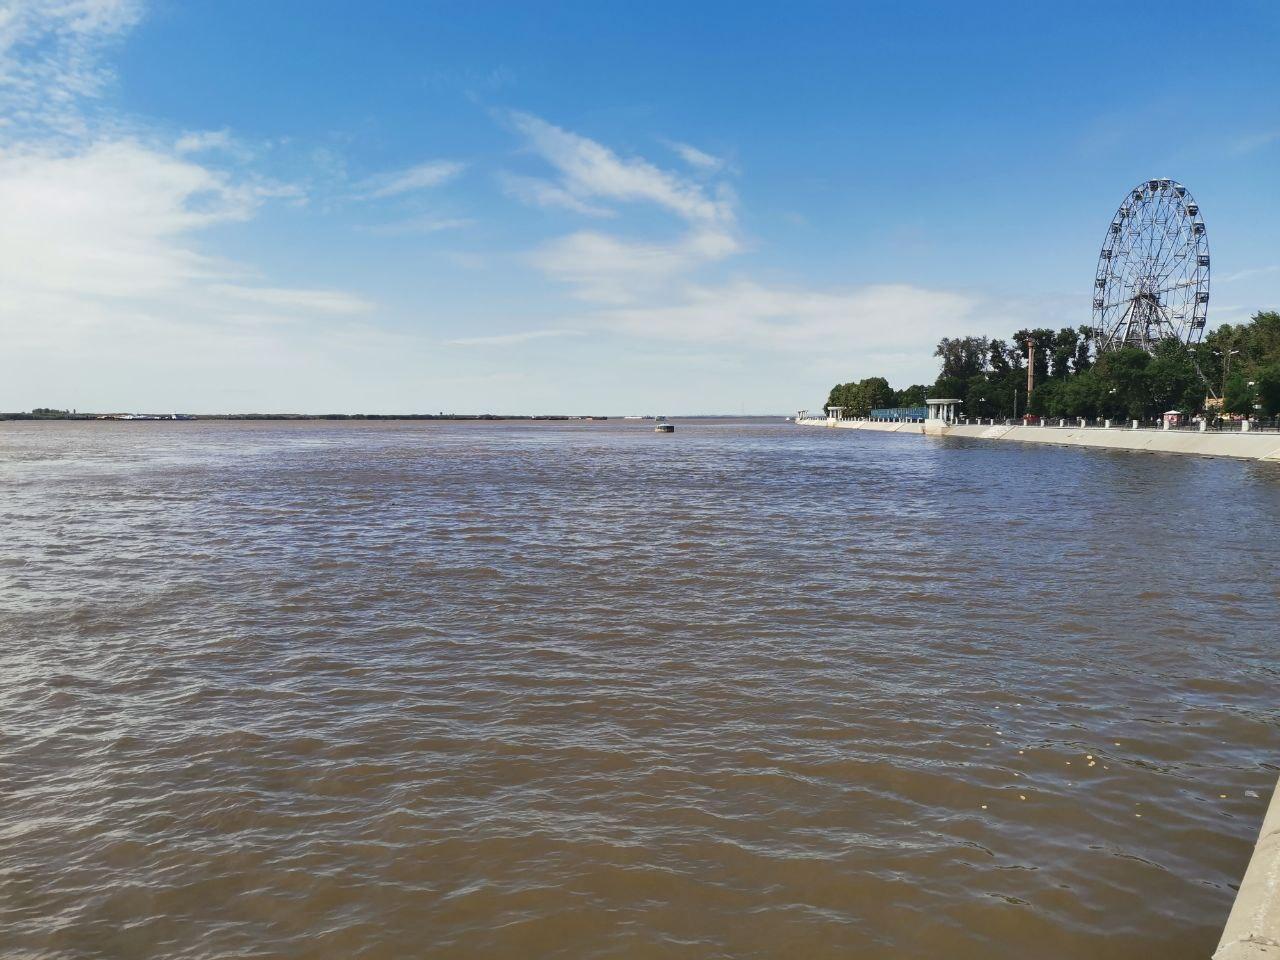 В течение ближайших двух дней гребень амурского паводка пройдет мимо Хабаровска